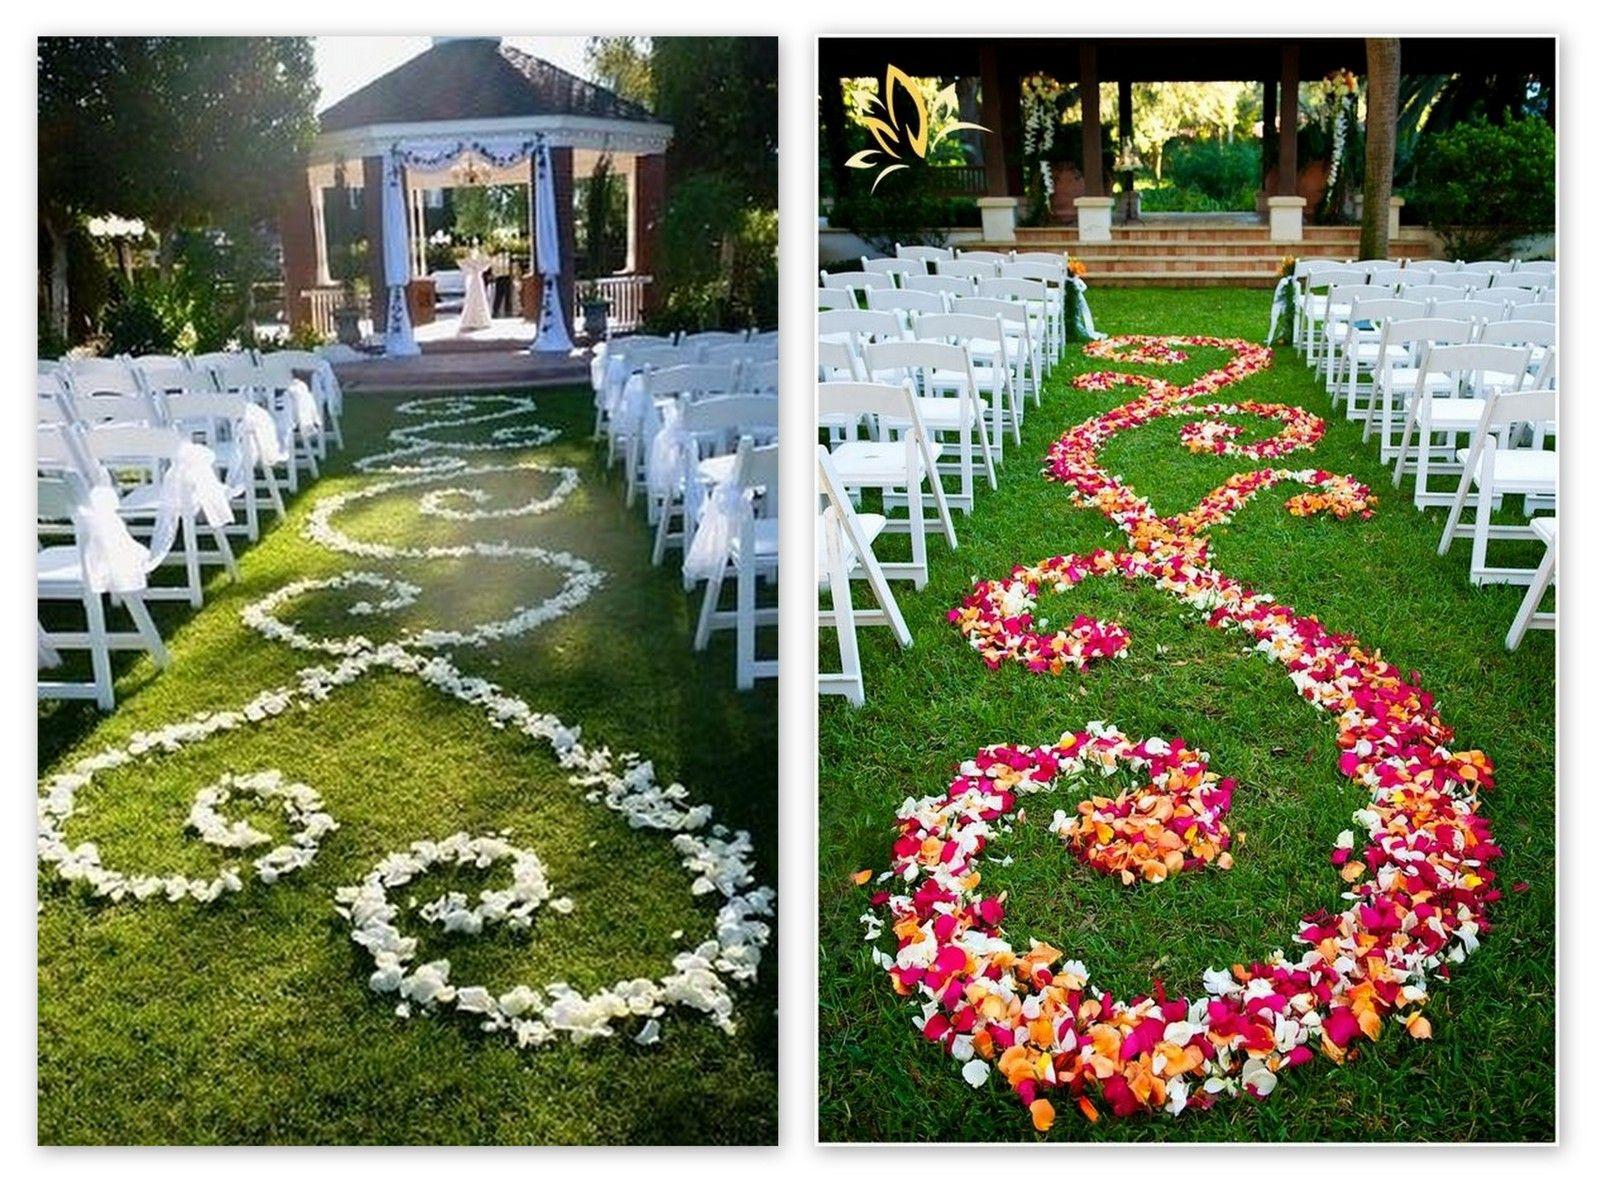 d929e80824 Nyári Esküvői Ötletek - Inspirációk a Nagy Napra #esküvő #virágdekoráció  #gyönyörűhelyszínek #tengerpart #vízpartiesküvő #menyasszonyicsokor  #napraforgó ...